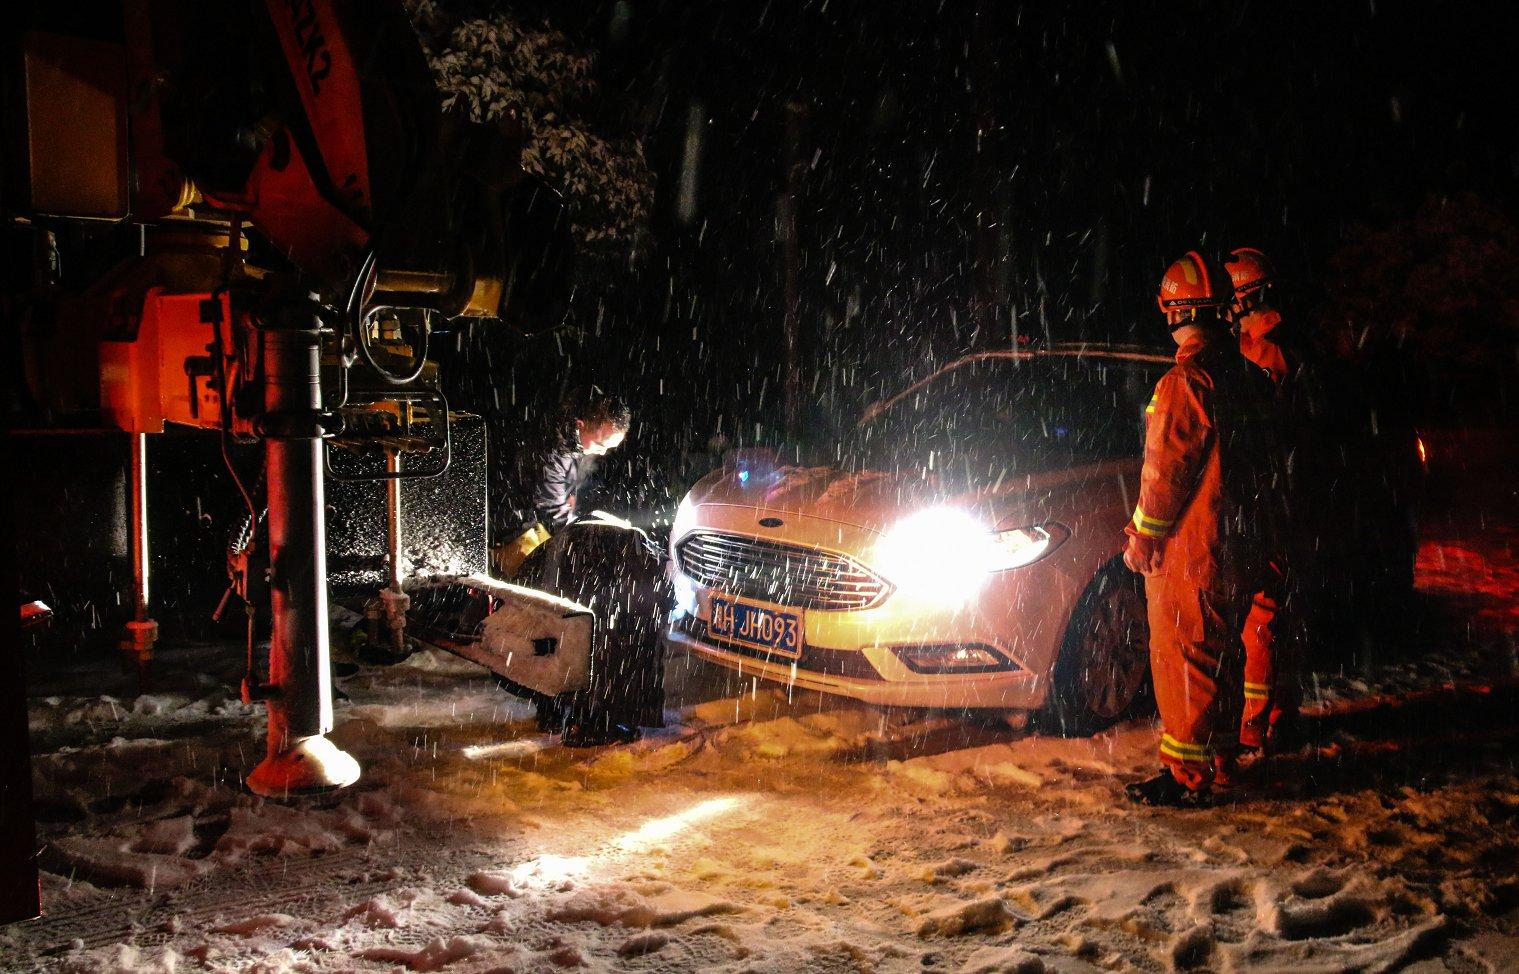 迎战冰雪丨 大雪封路,武陵源消防深夜救助3车9人